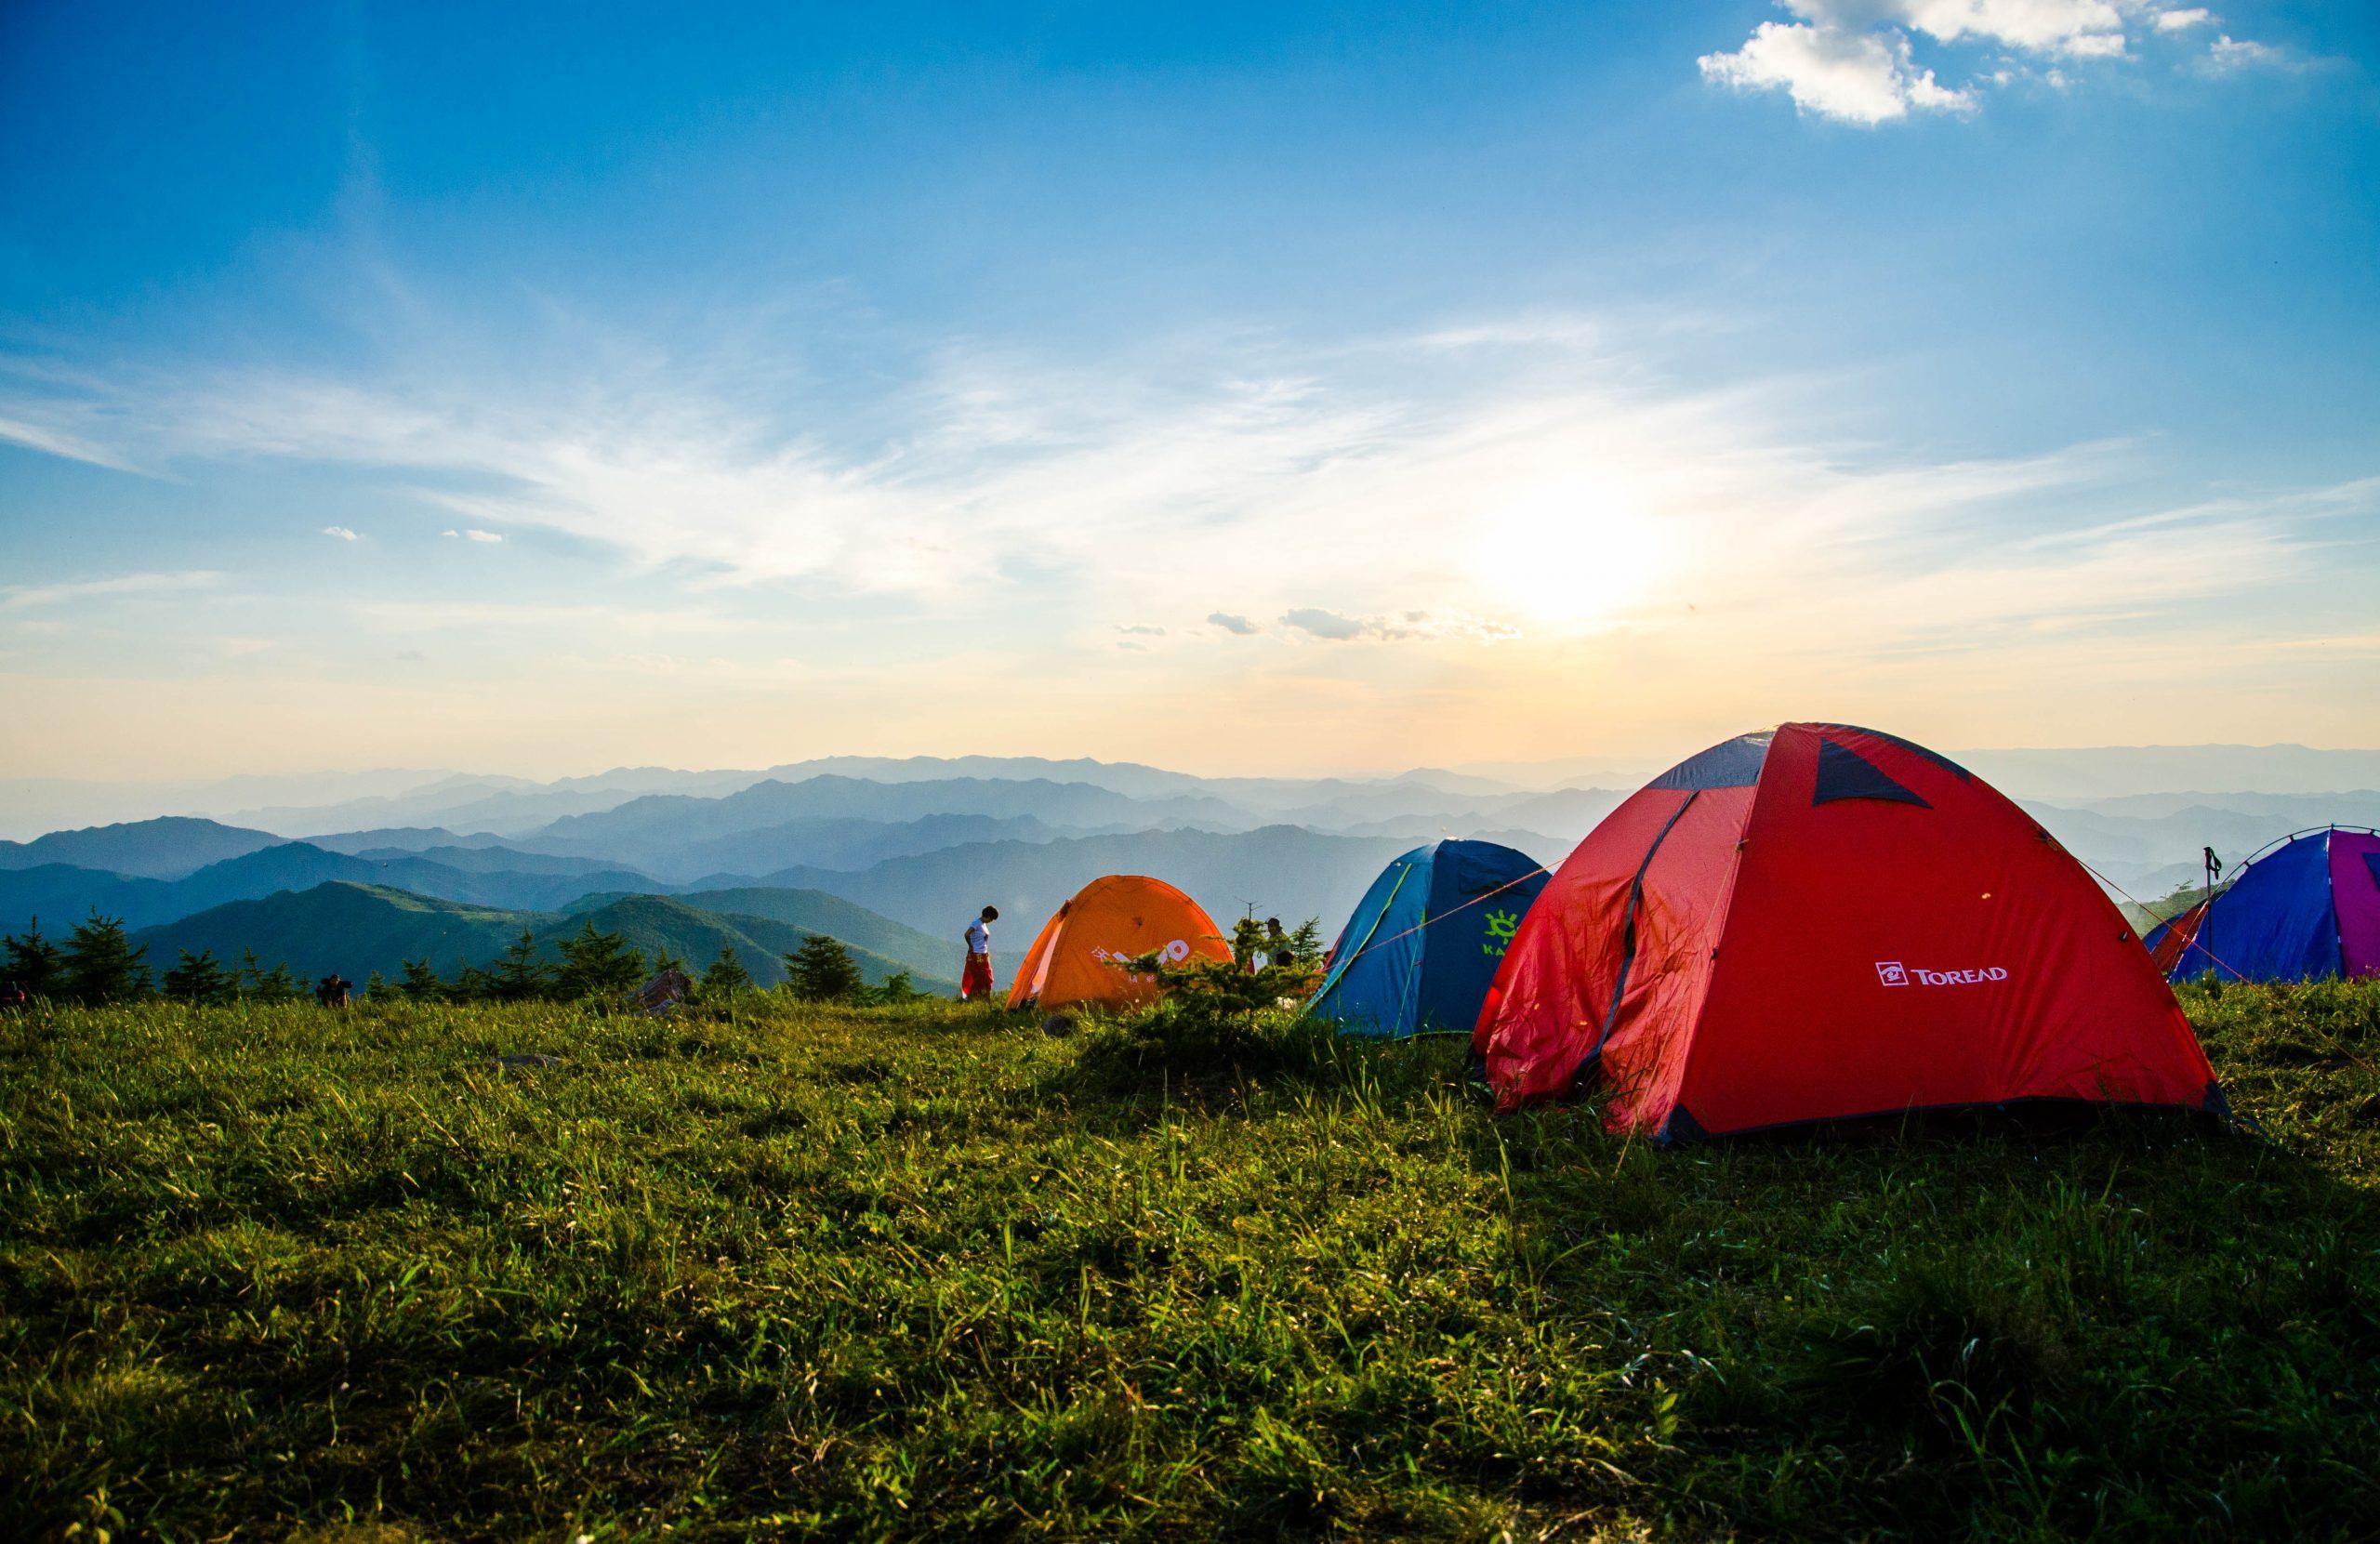 camping. credit: pexels.com